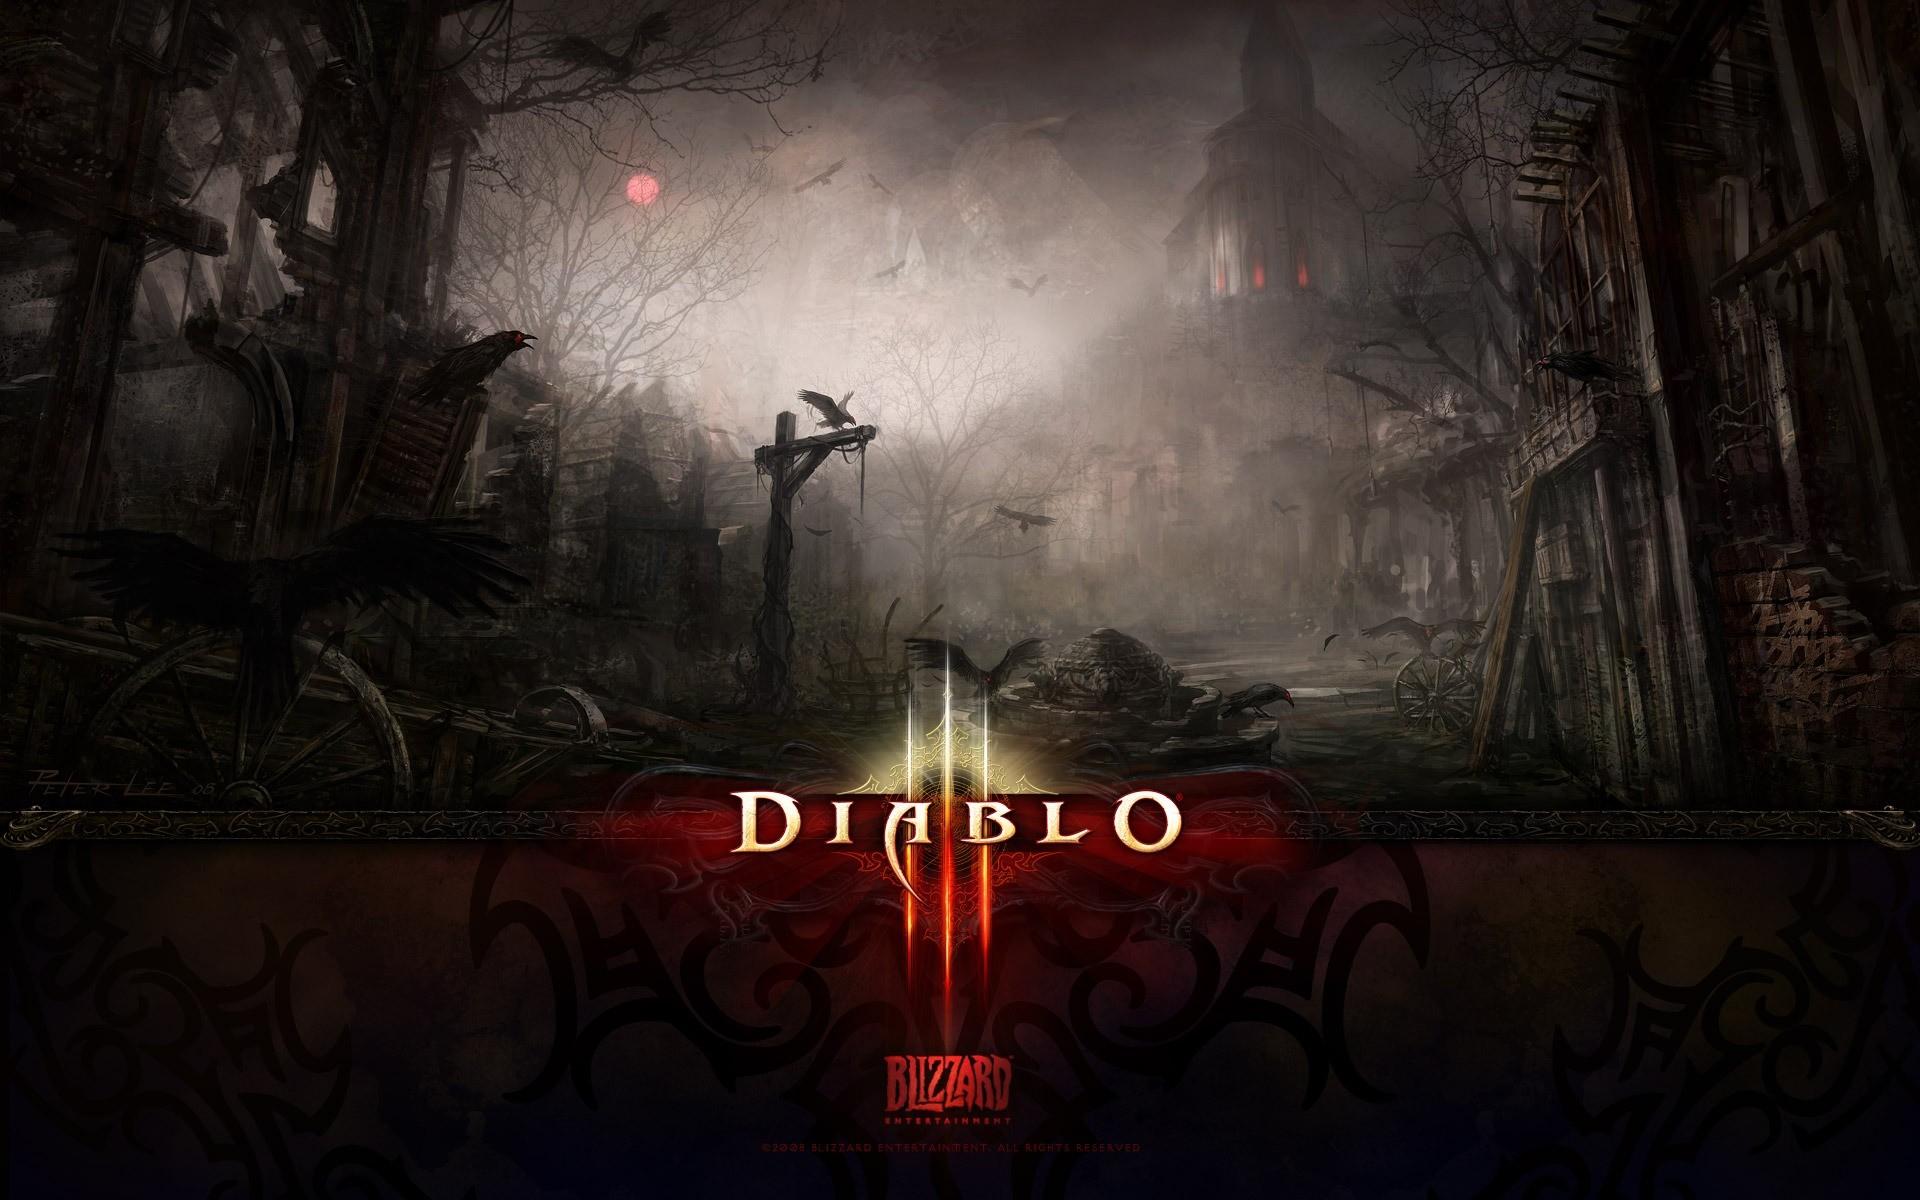 Diablo III Wallpaper Diablo 3 Games Wallpapers